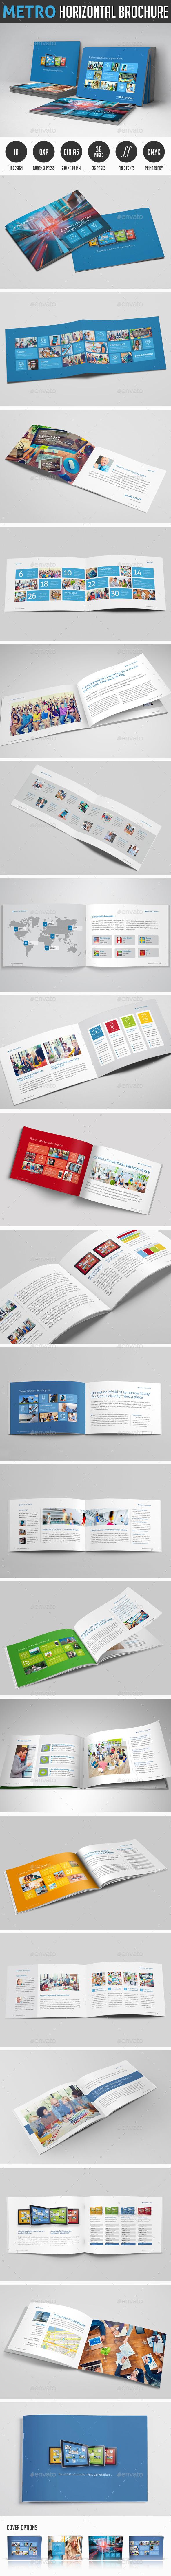 Metro horizontal Brochure - Corporate Brochures